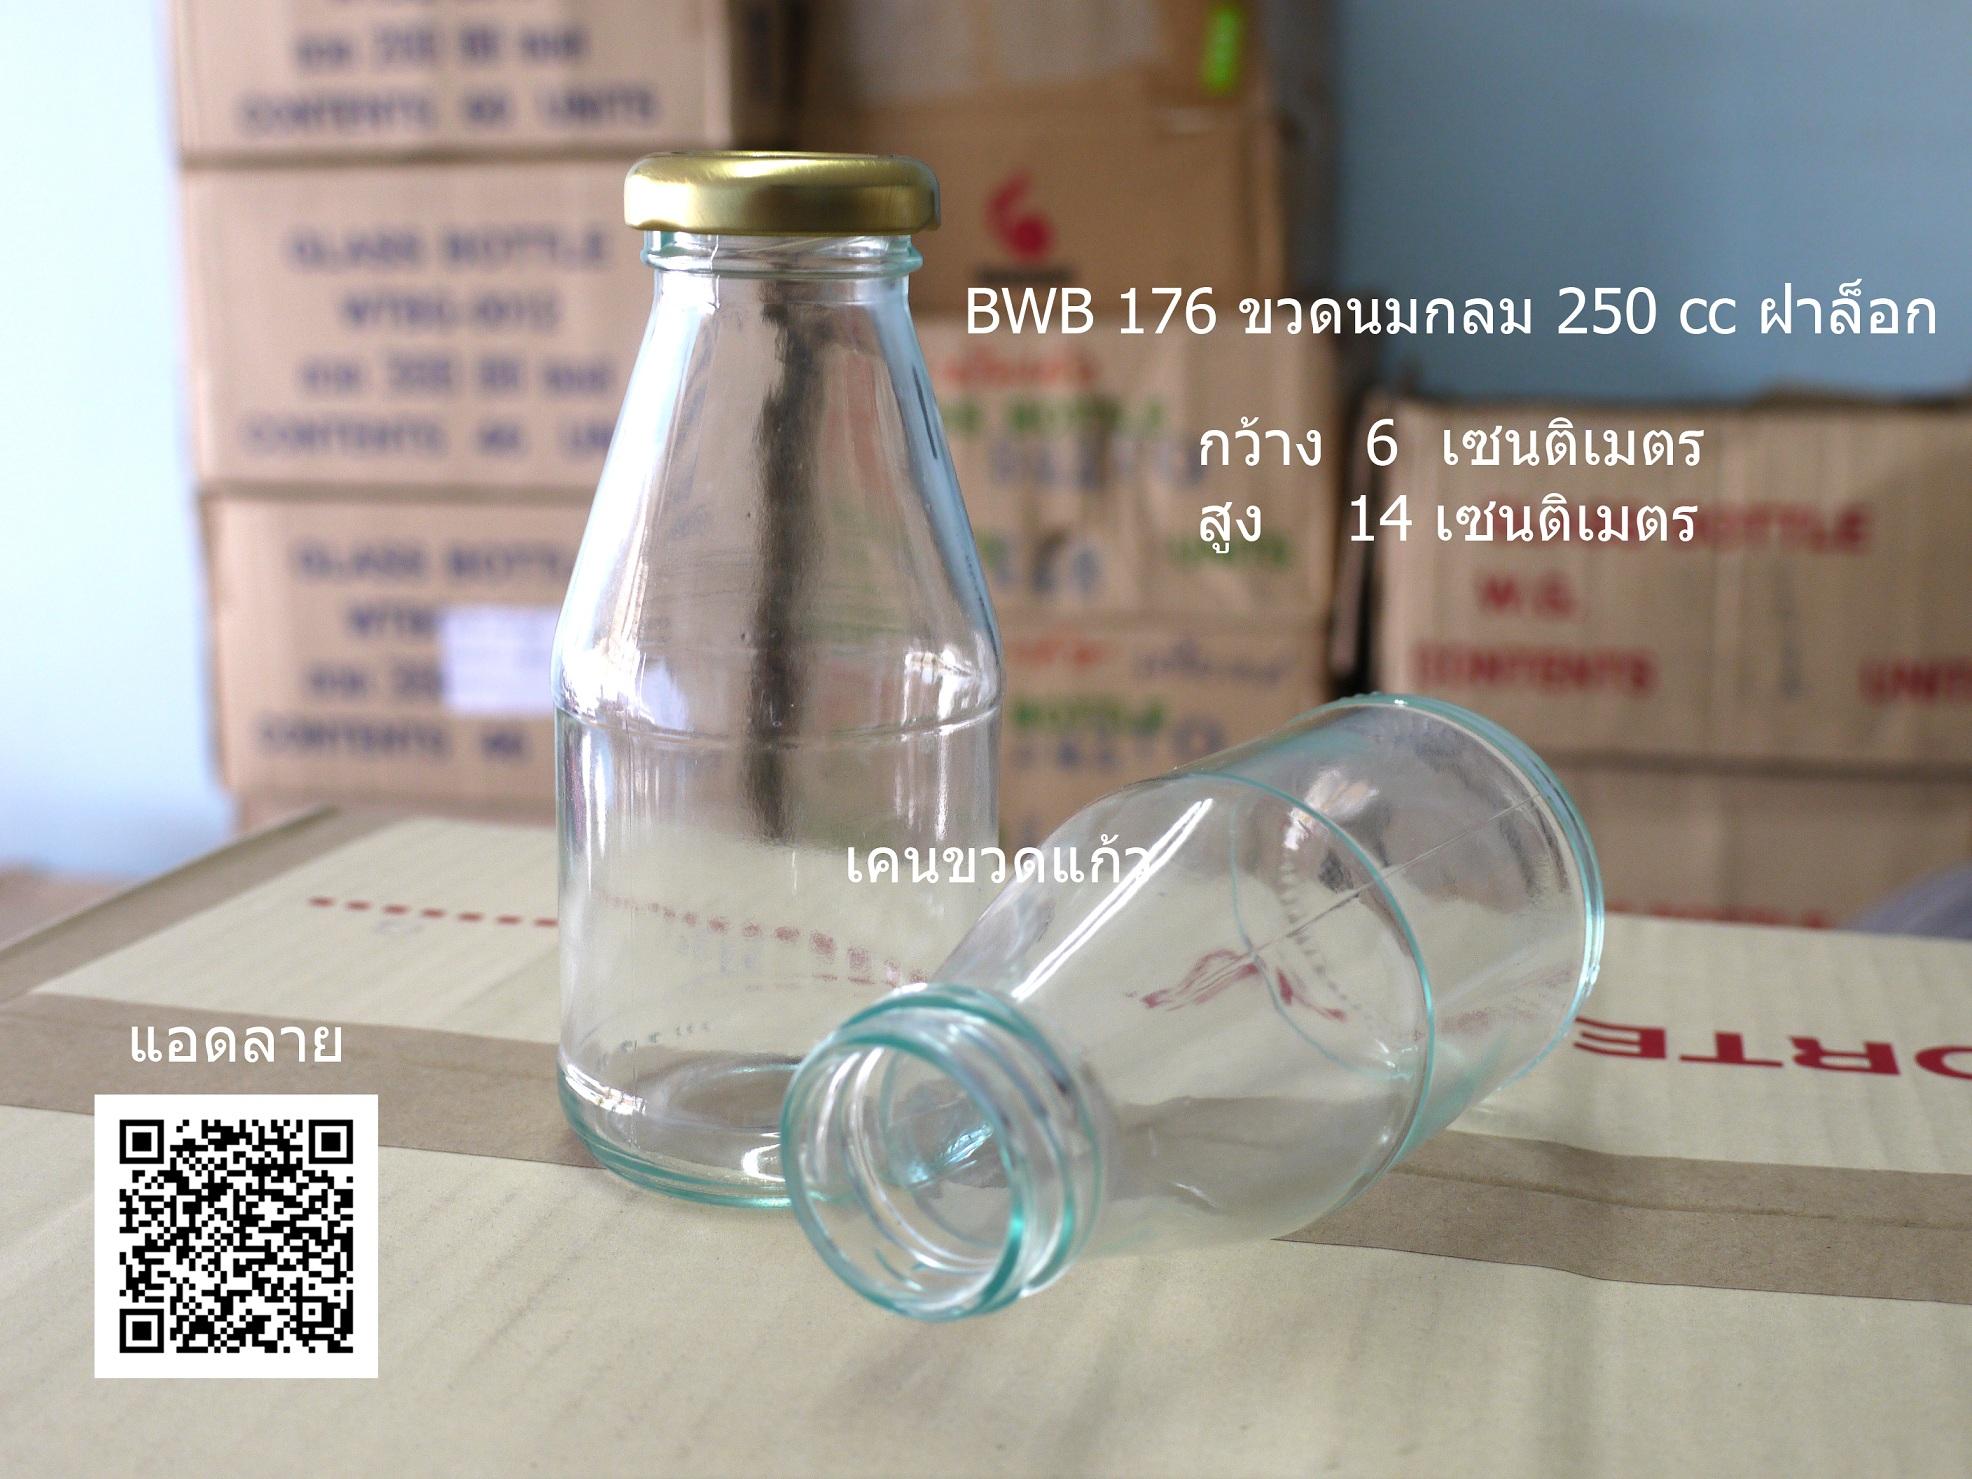 BWB176 ขวดน้ำผลไม้ 250 cc กลม